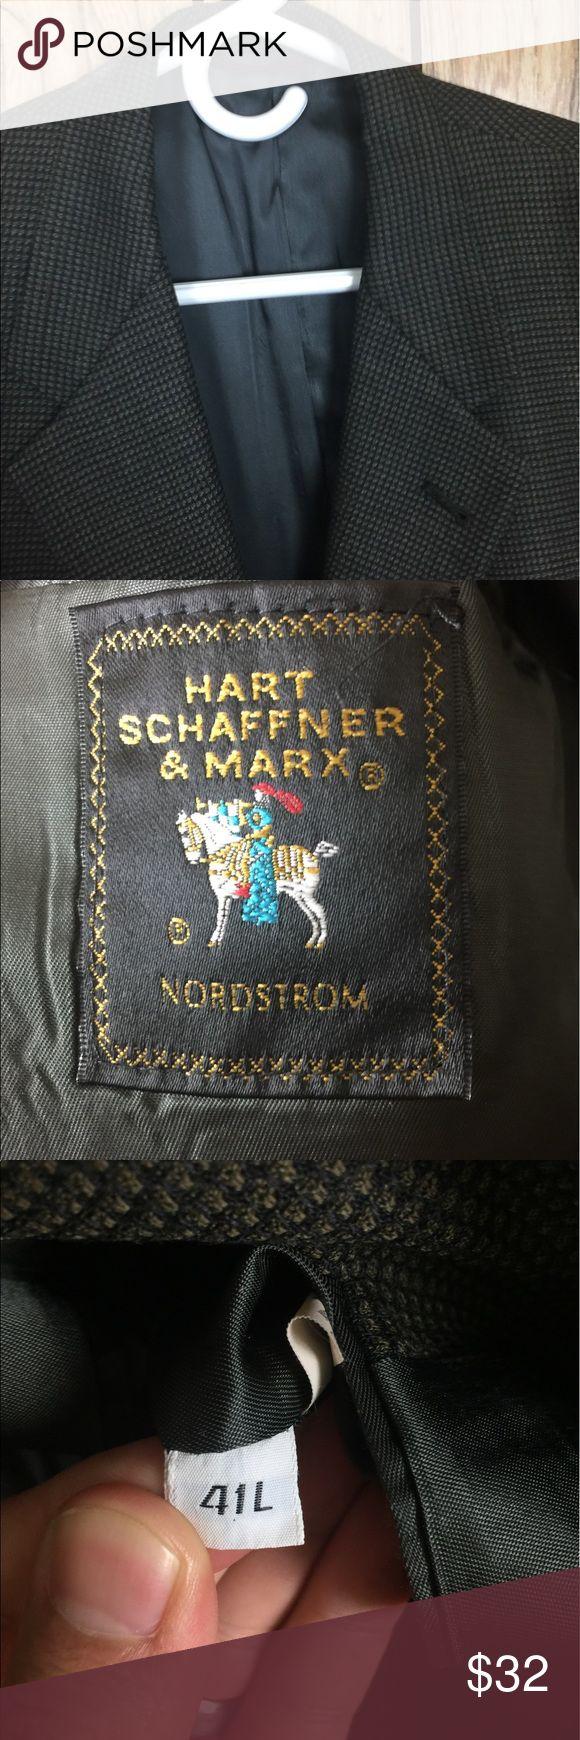 Men's Nordstrom Hart Schaffner & Marx Blazer 41 L Men's Blazer great used condition Nordstrom Suits & Blazers Sport Coats & Blazers